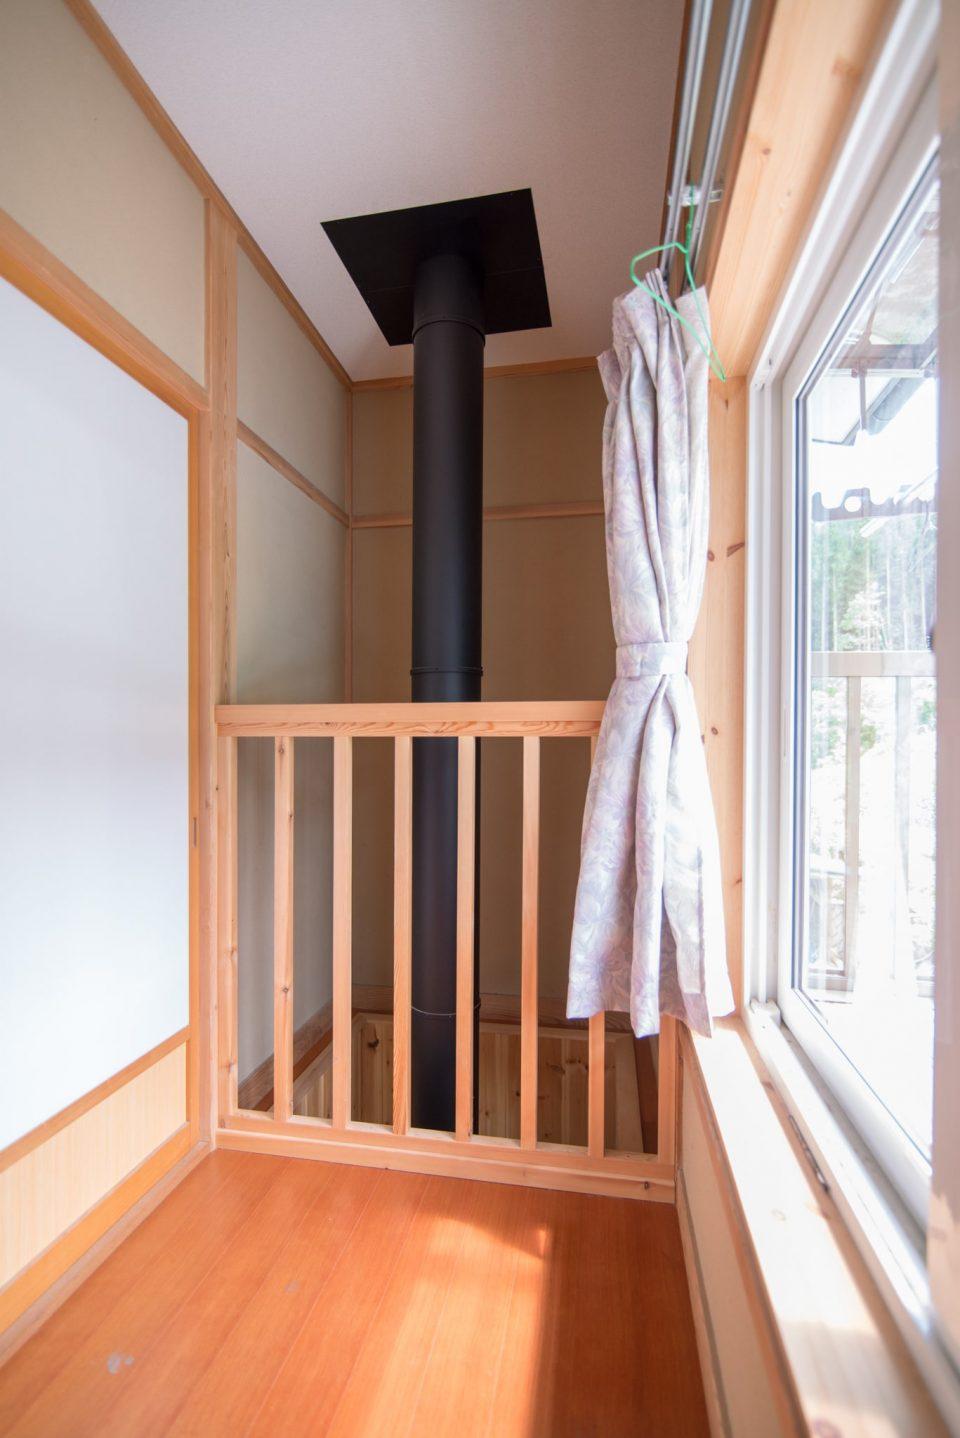 2階廊下の奥に追加した吹き抜けのおかげで冬の2階はとても暖かいそうです